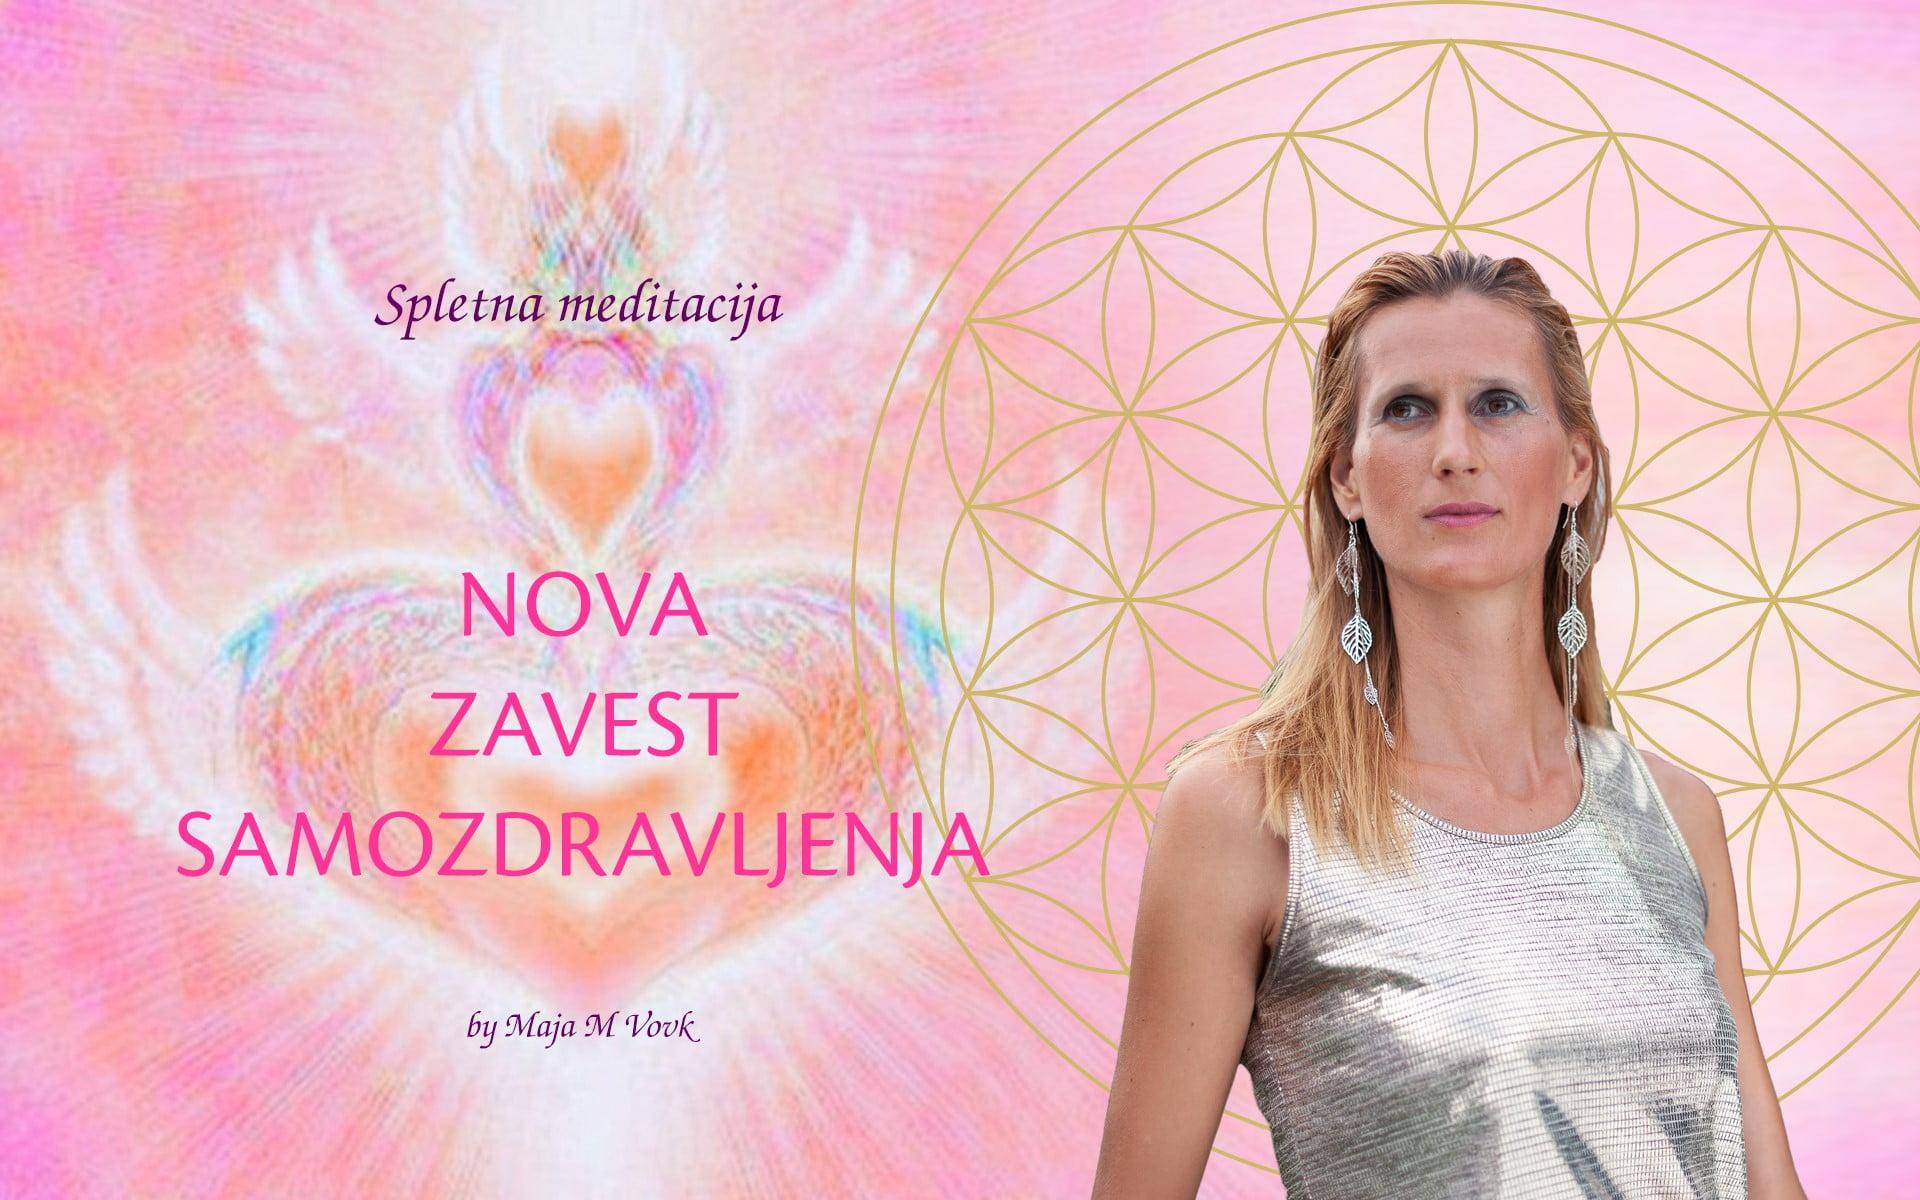 Spletna meditacija: NOVA ZAVEST in SAMOZDRAVLJENJE